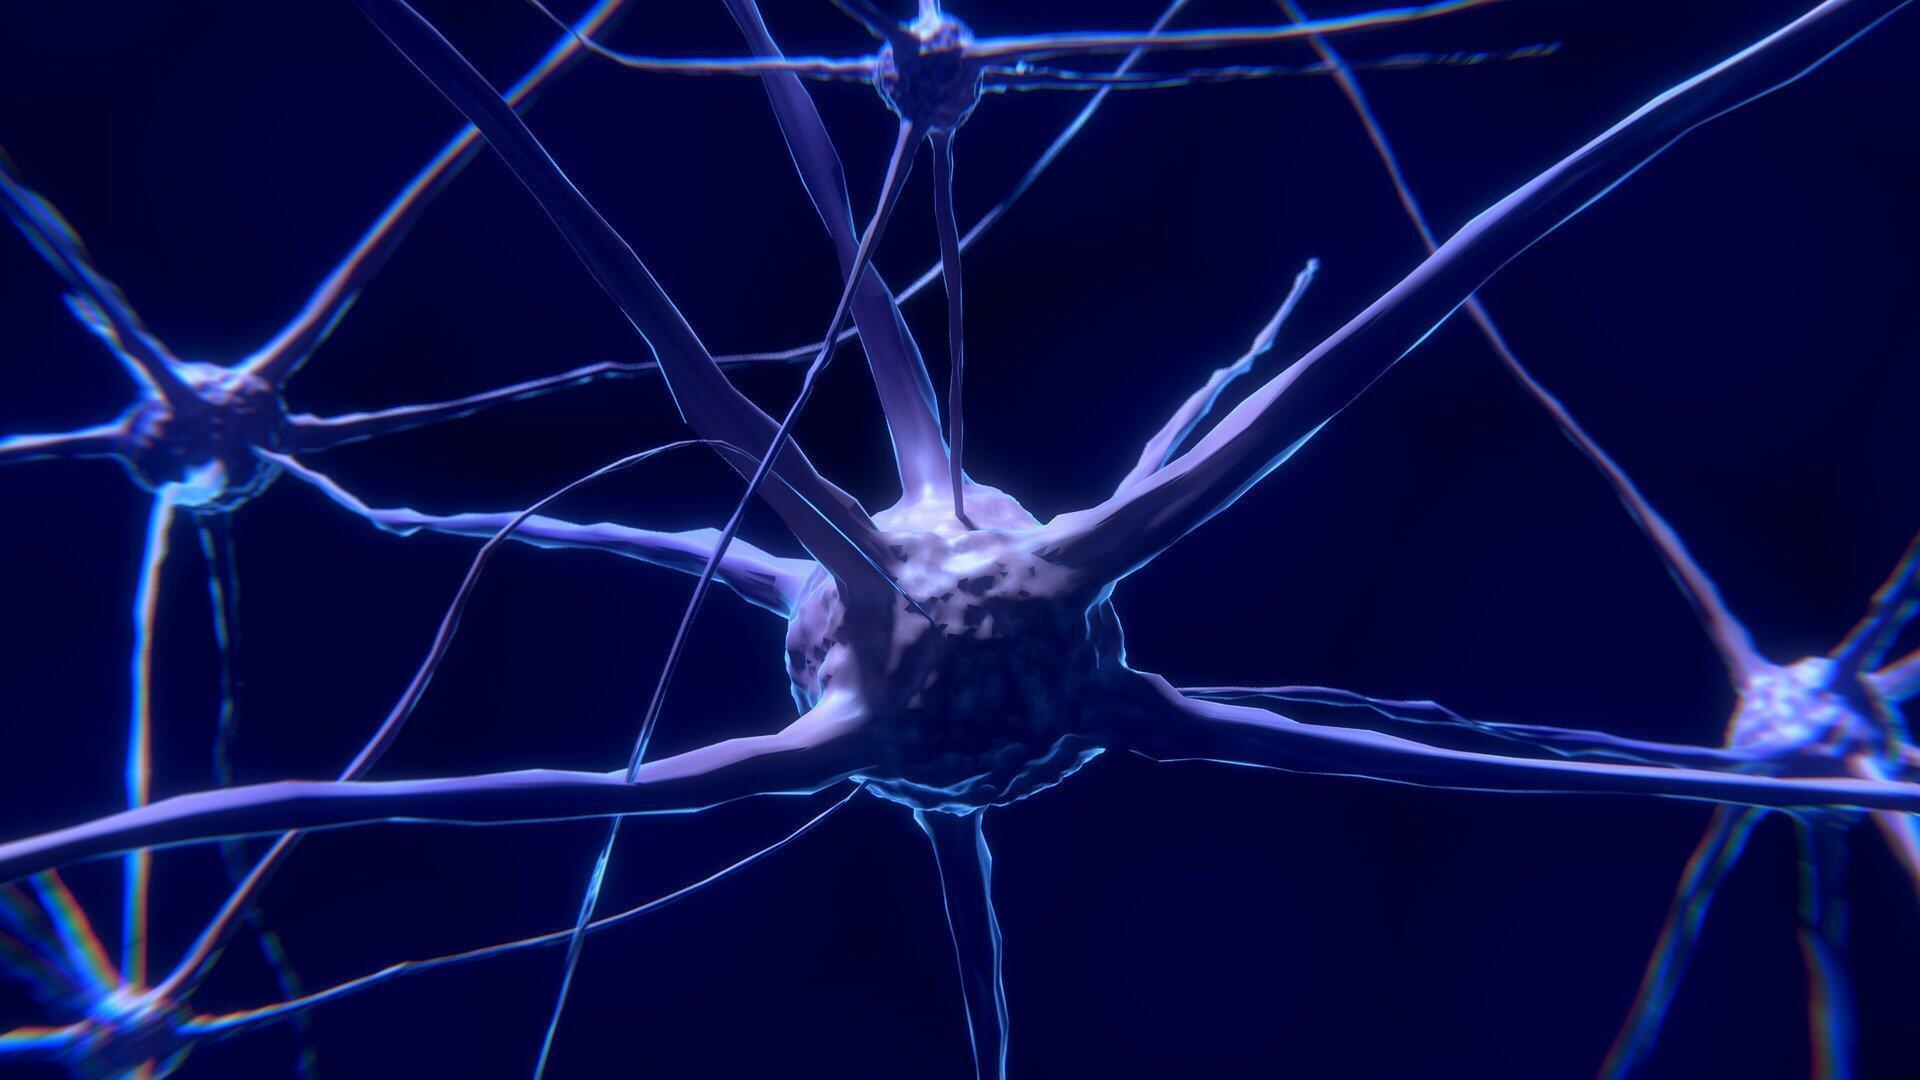 Des scientifiques ont reproduit artificiellement le fonctionnement des cellules nerveuses.